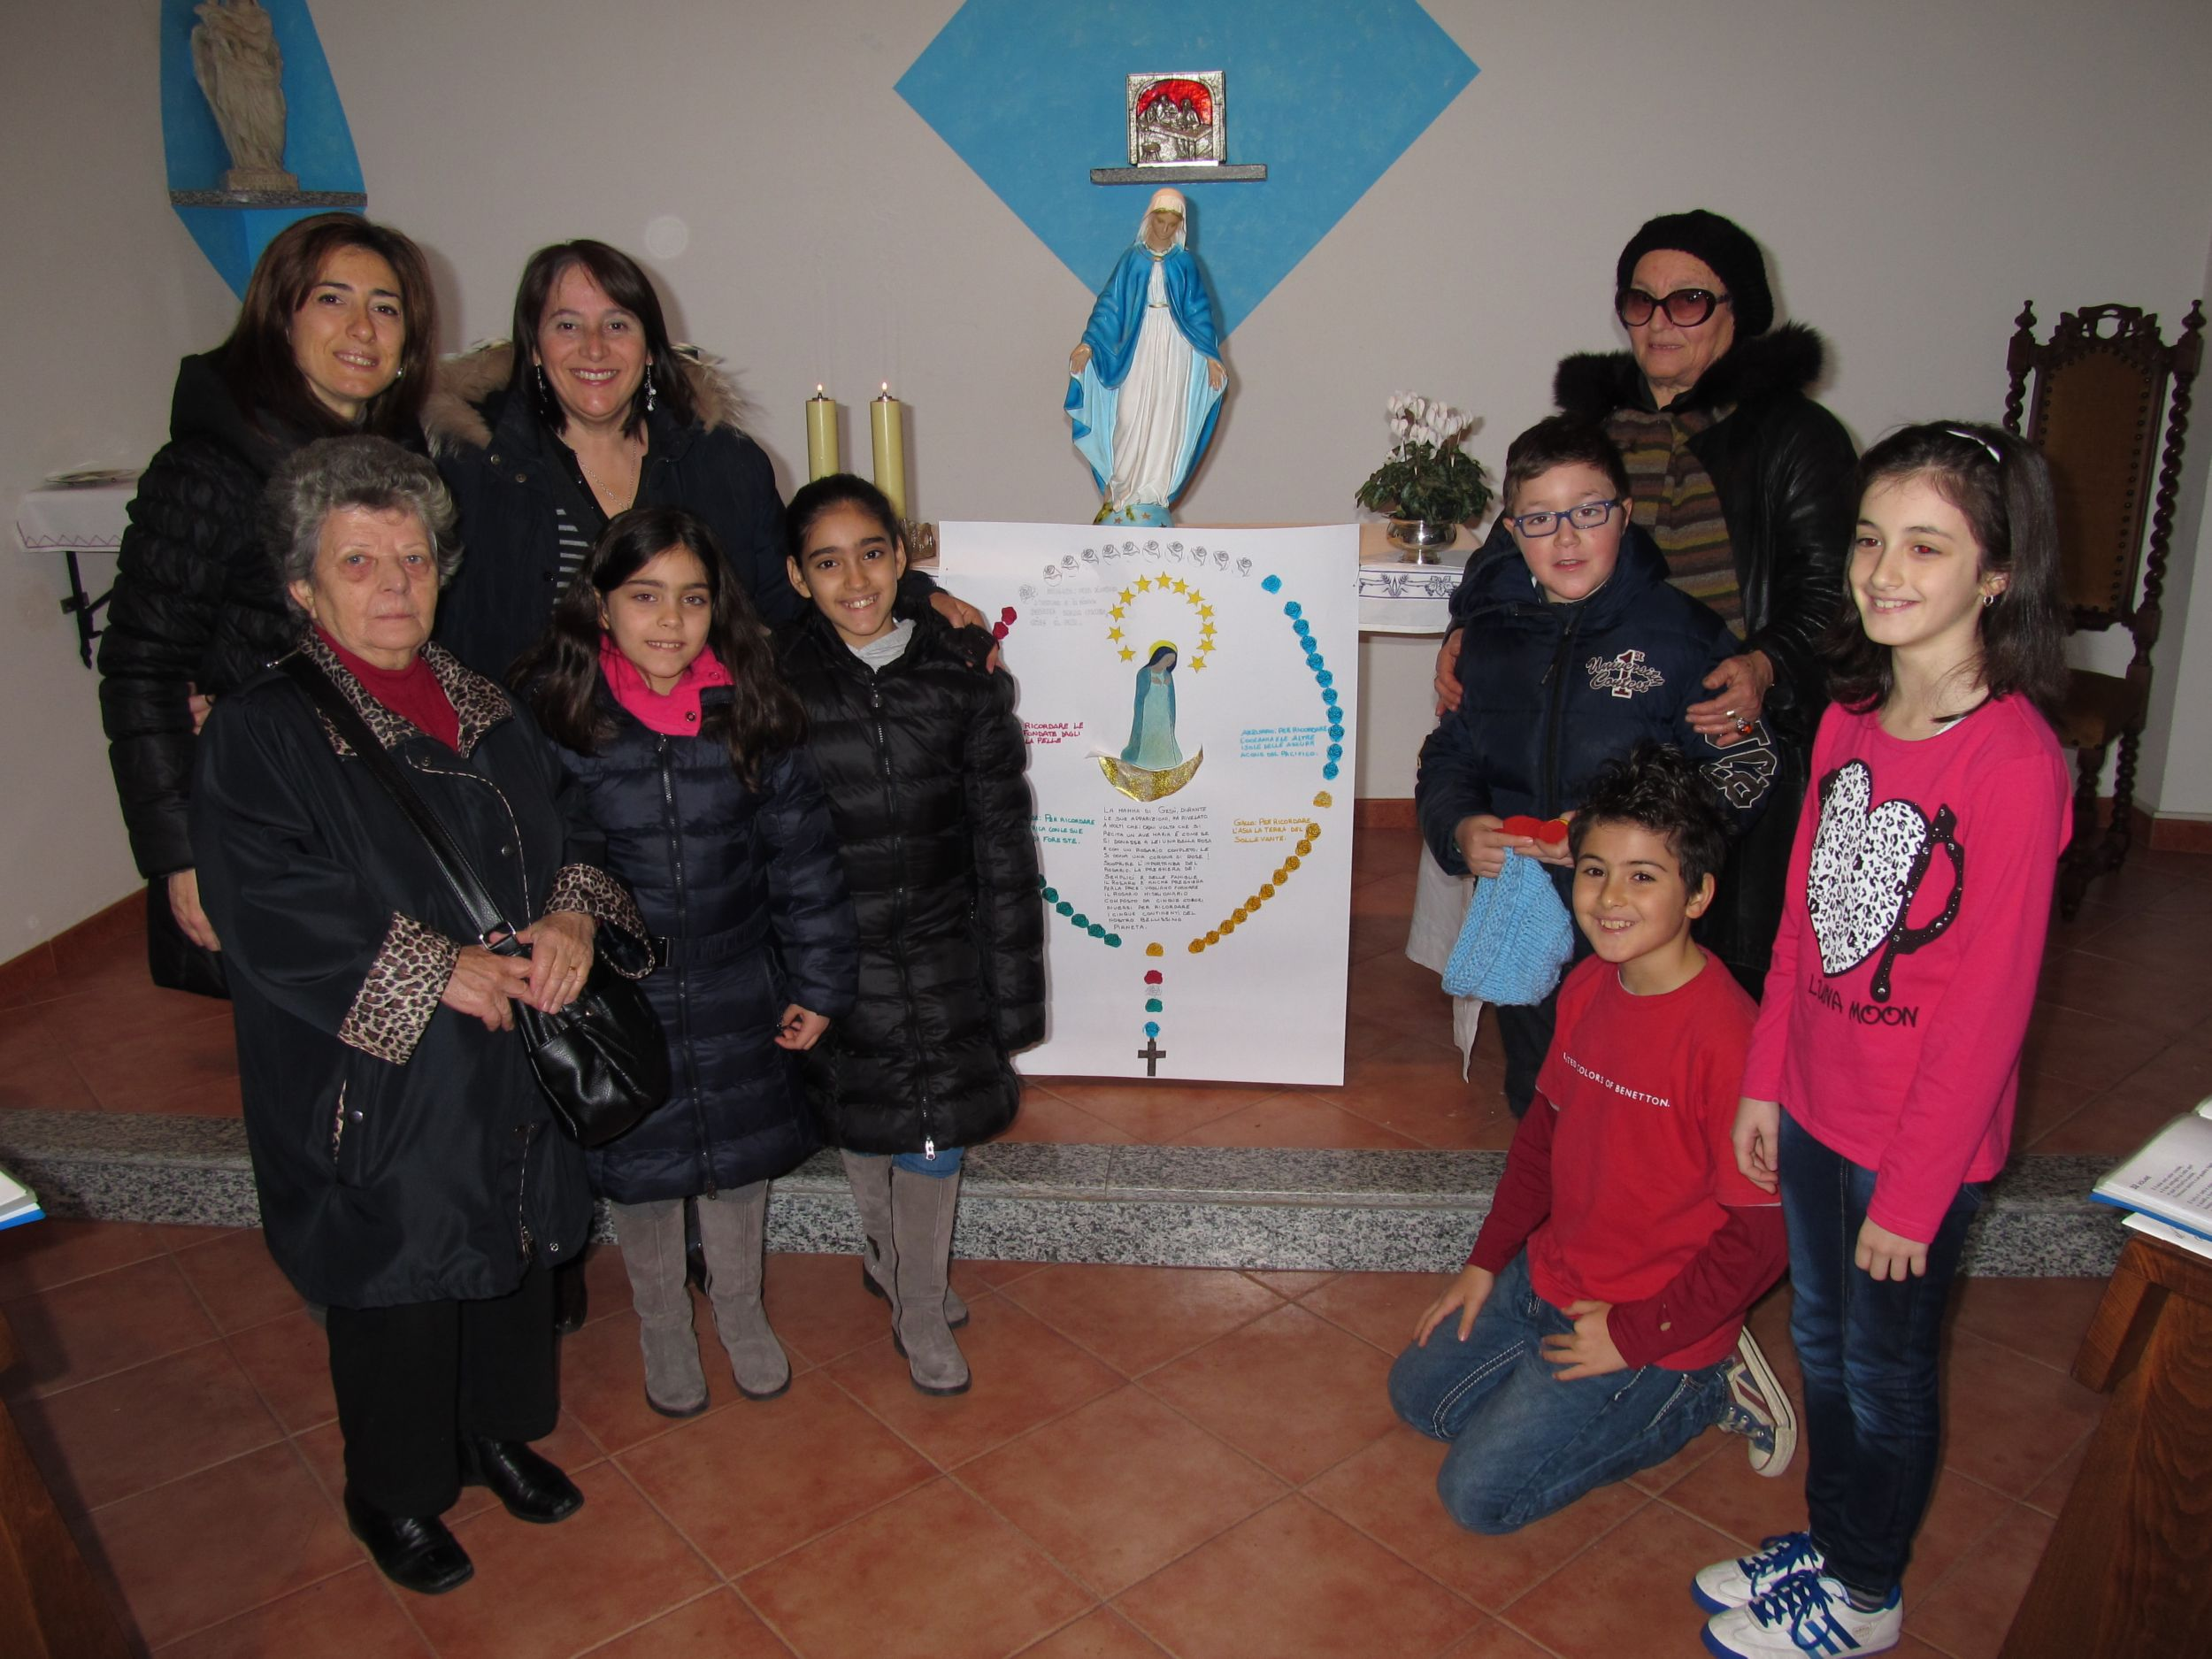 rosario_dei_bambini-2013-12-21-10-15-12